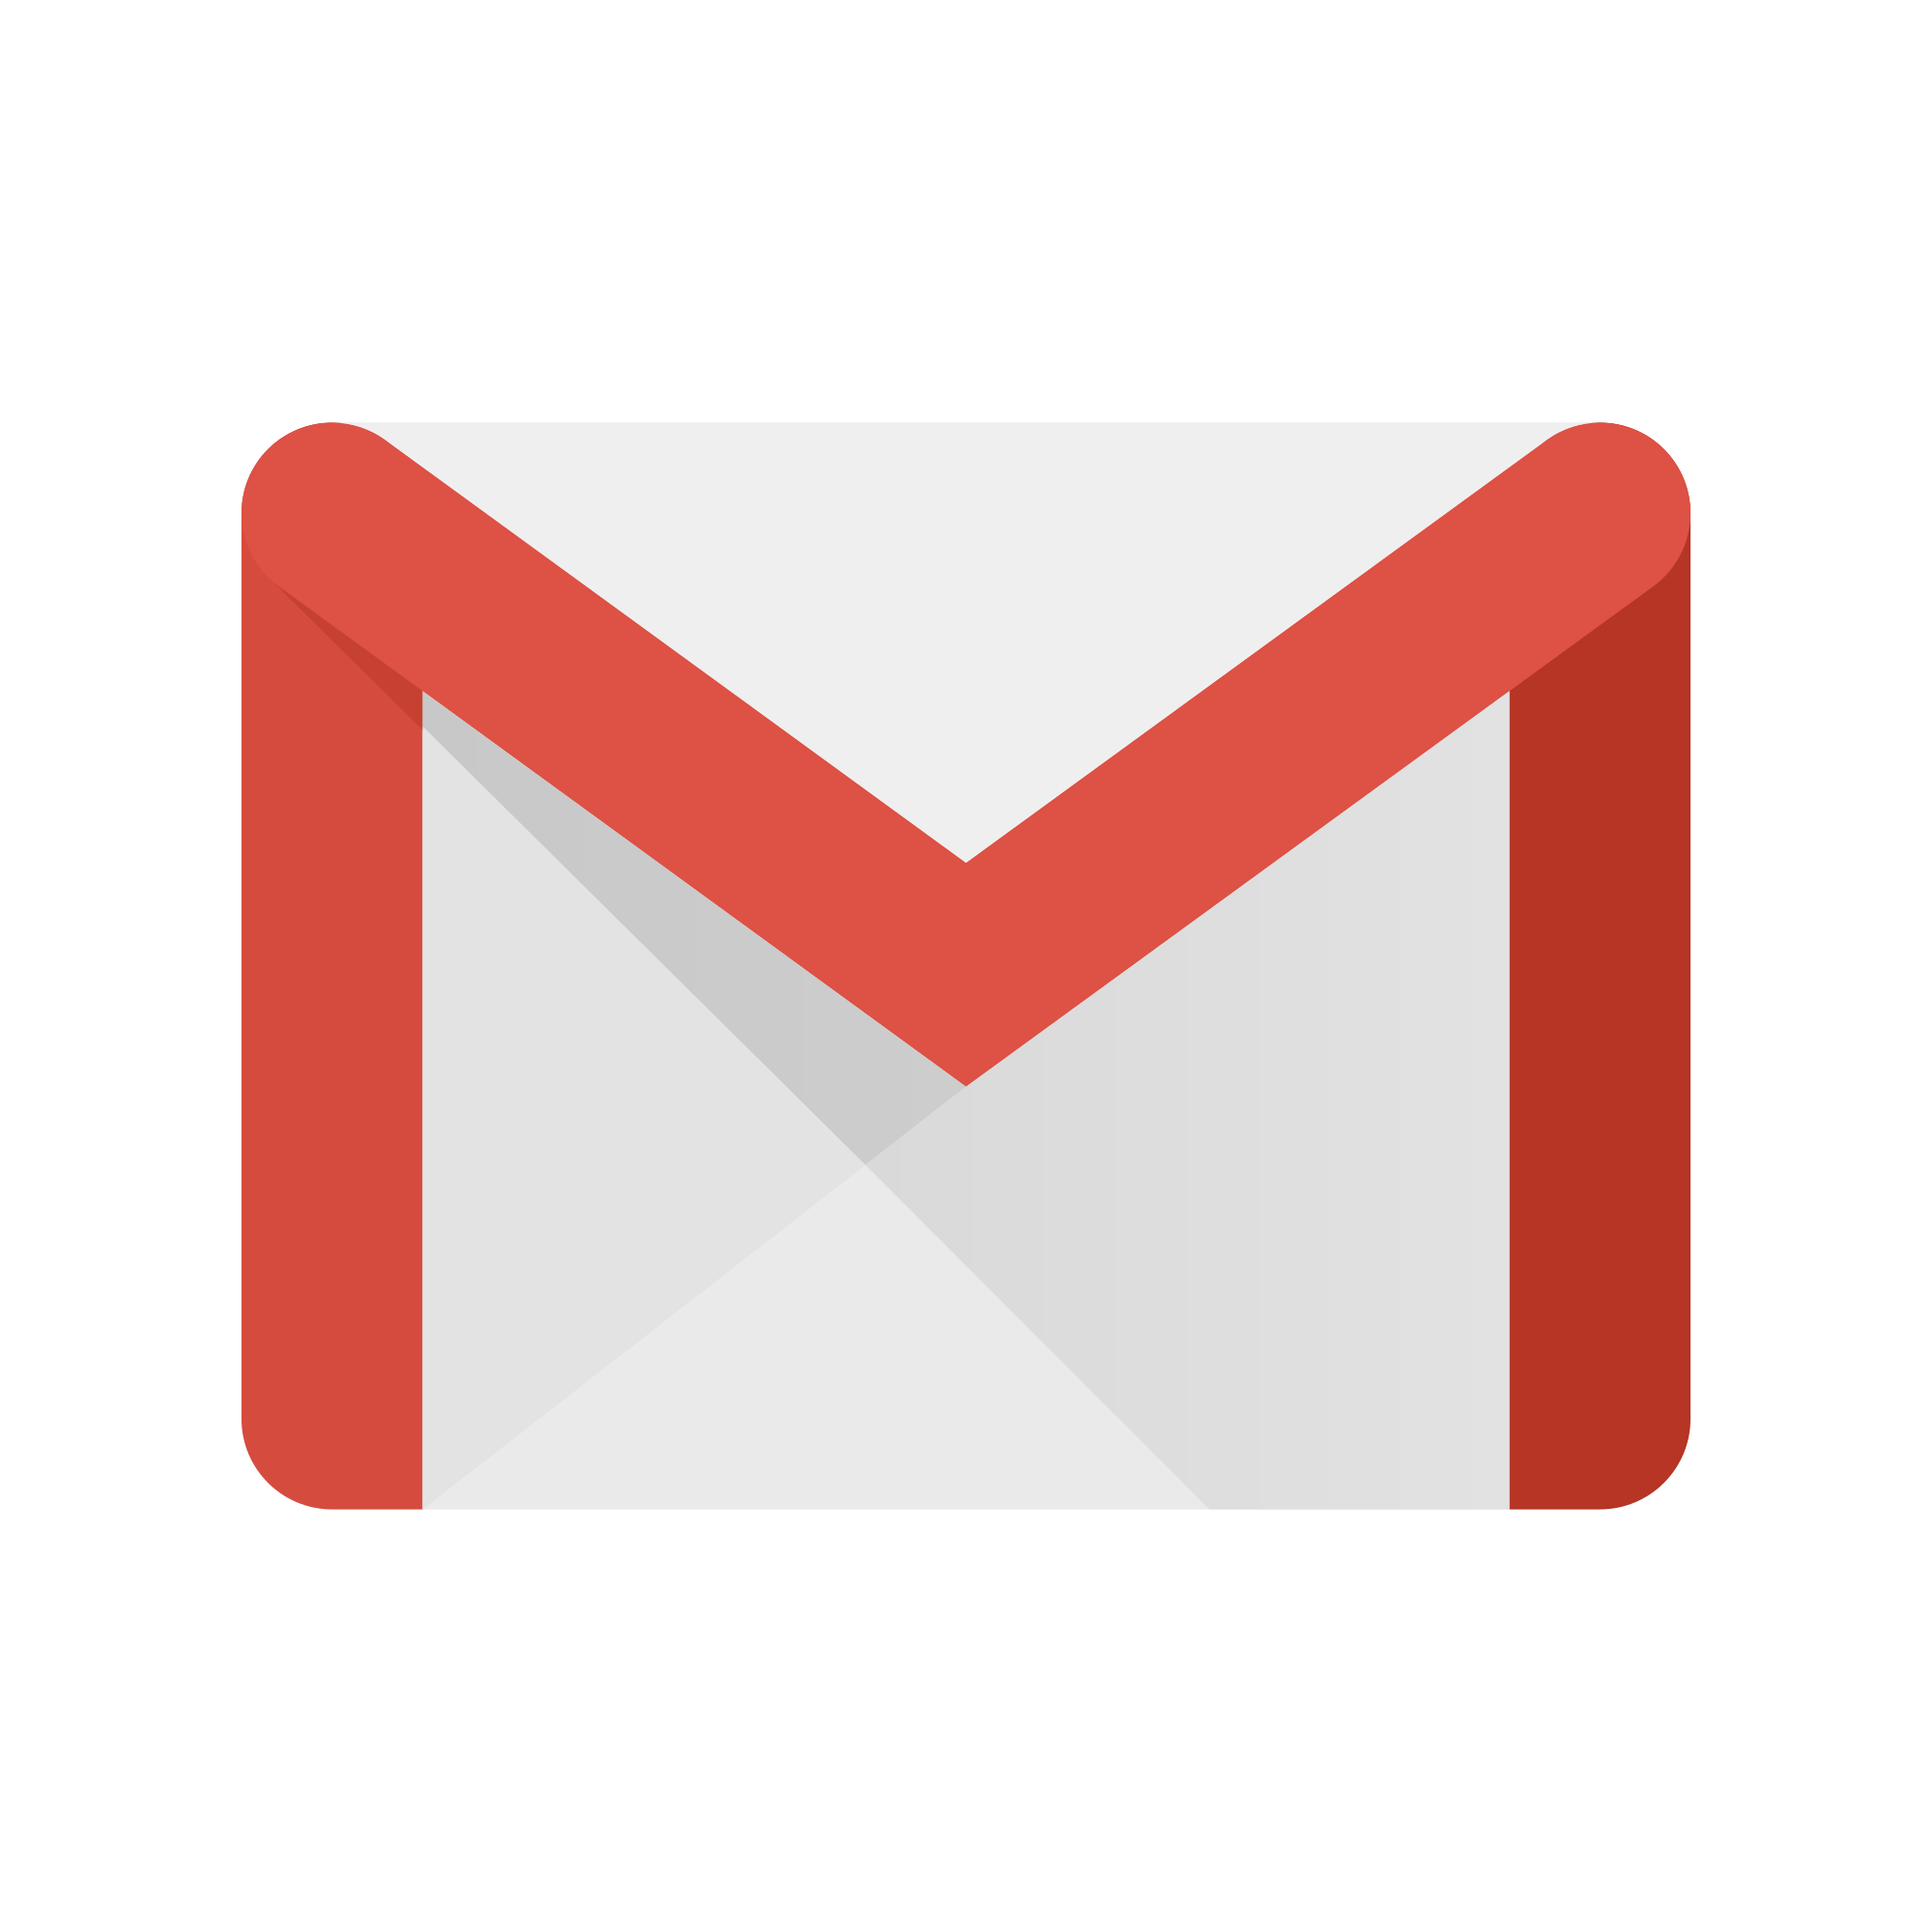 Imagen De Gmail Logo - LogoDix